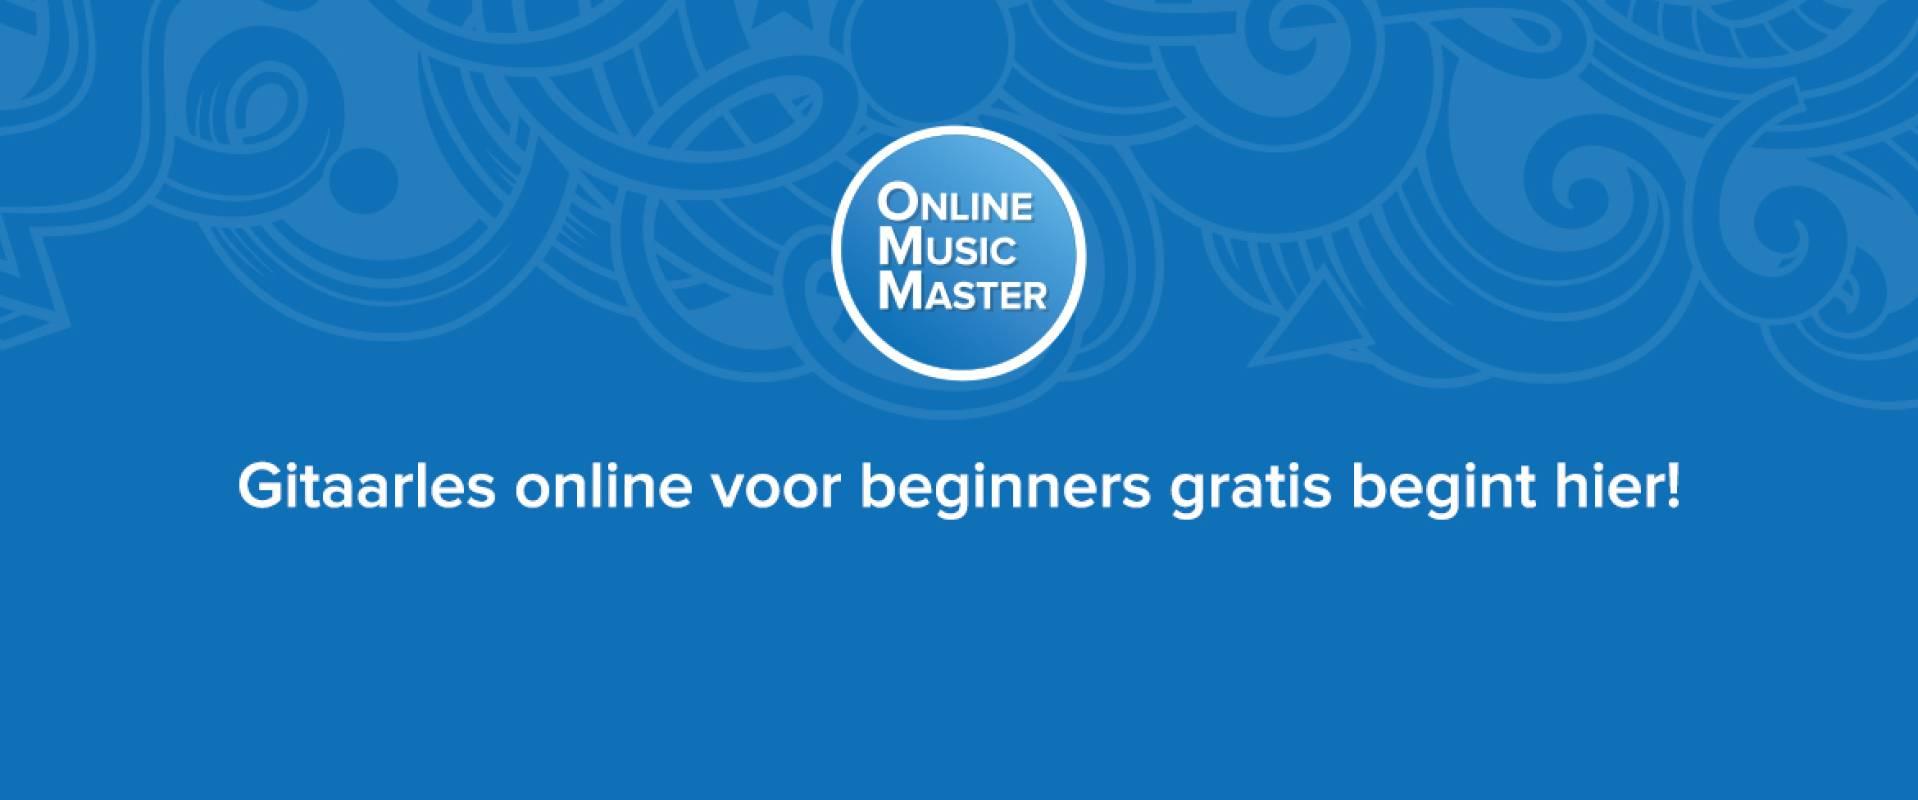 gitaarles online beginners gratis